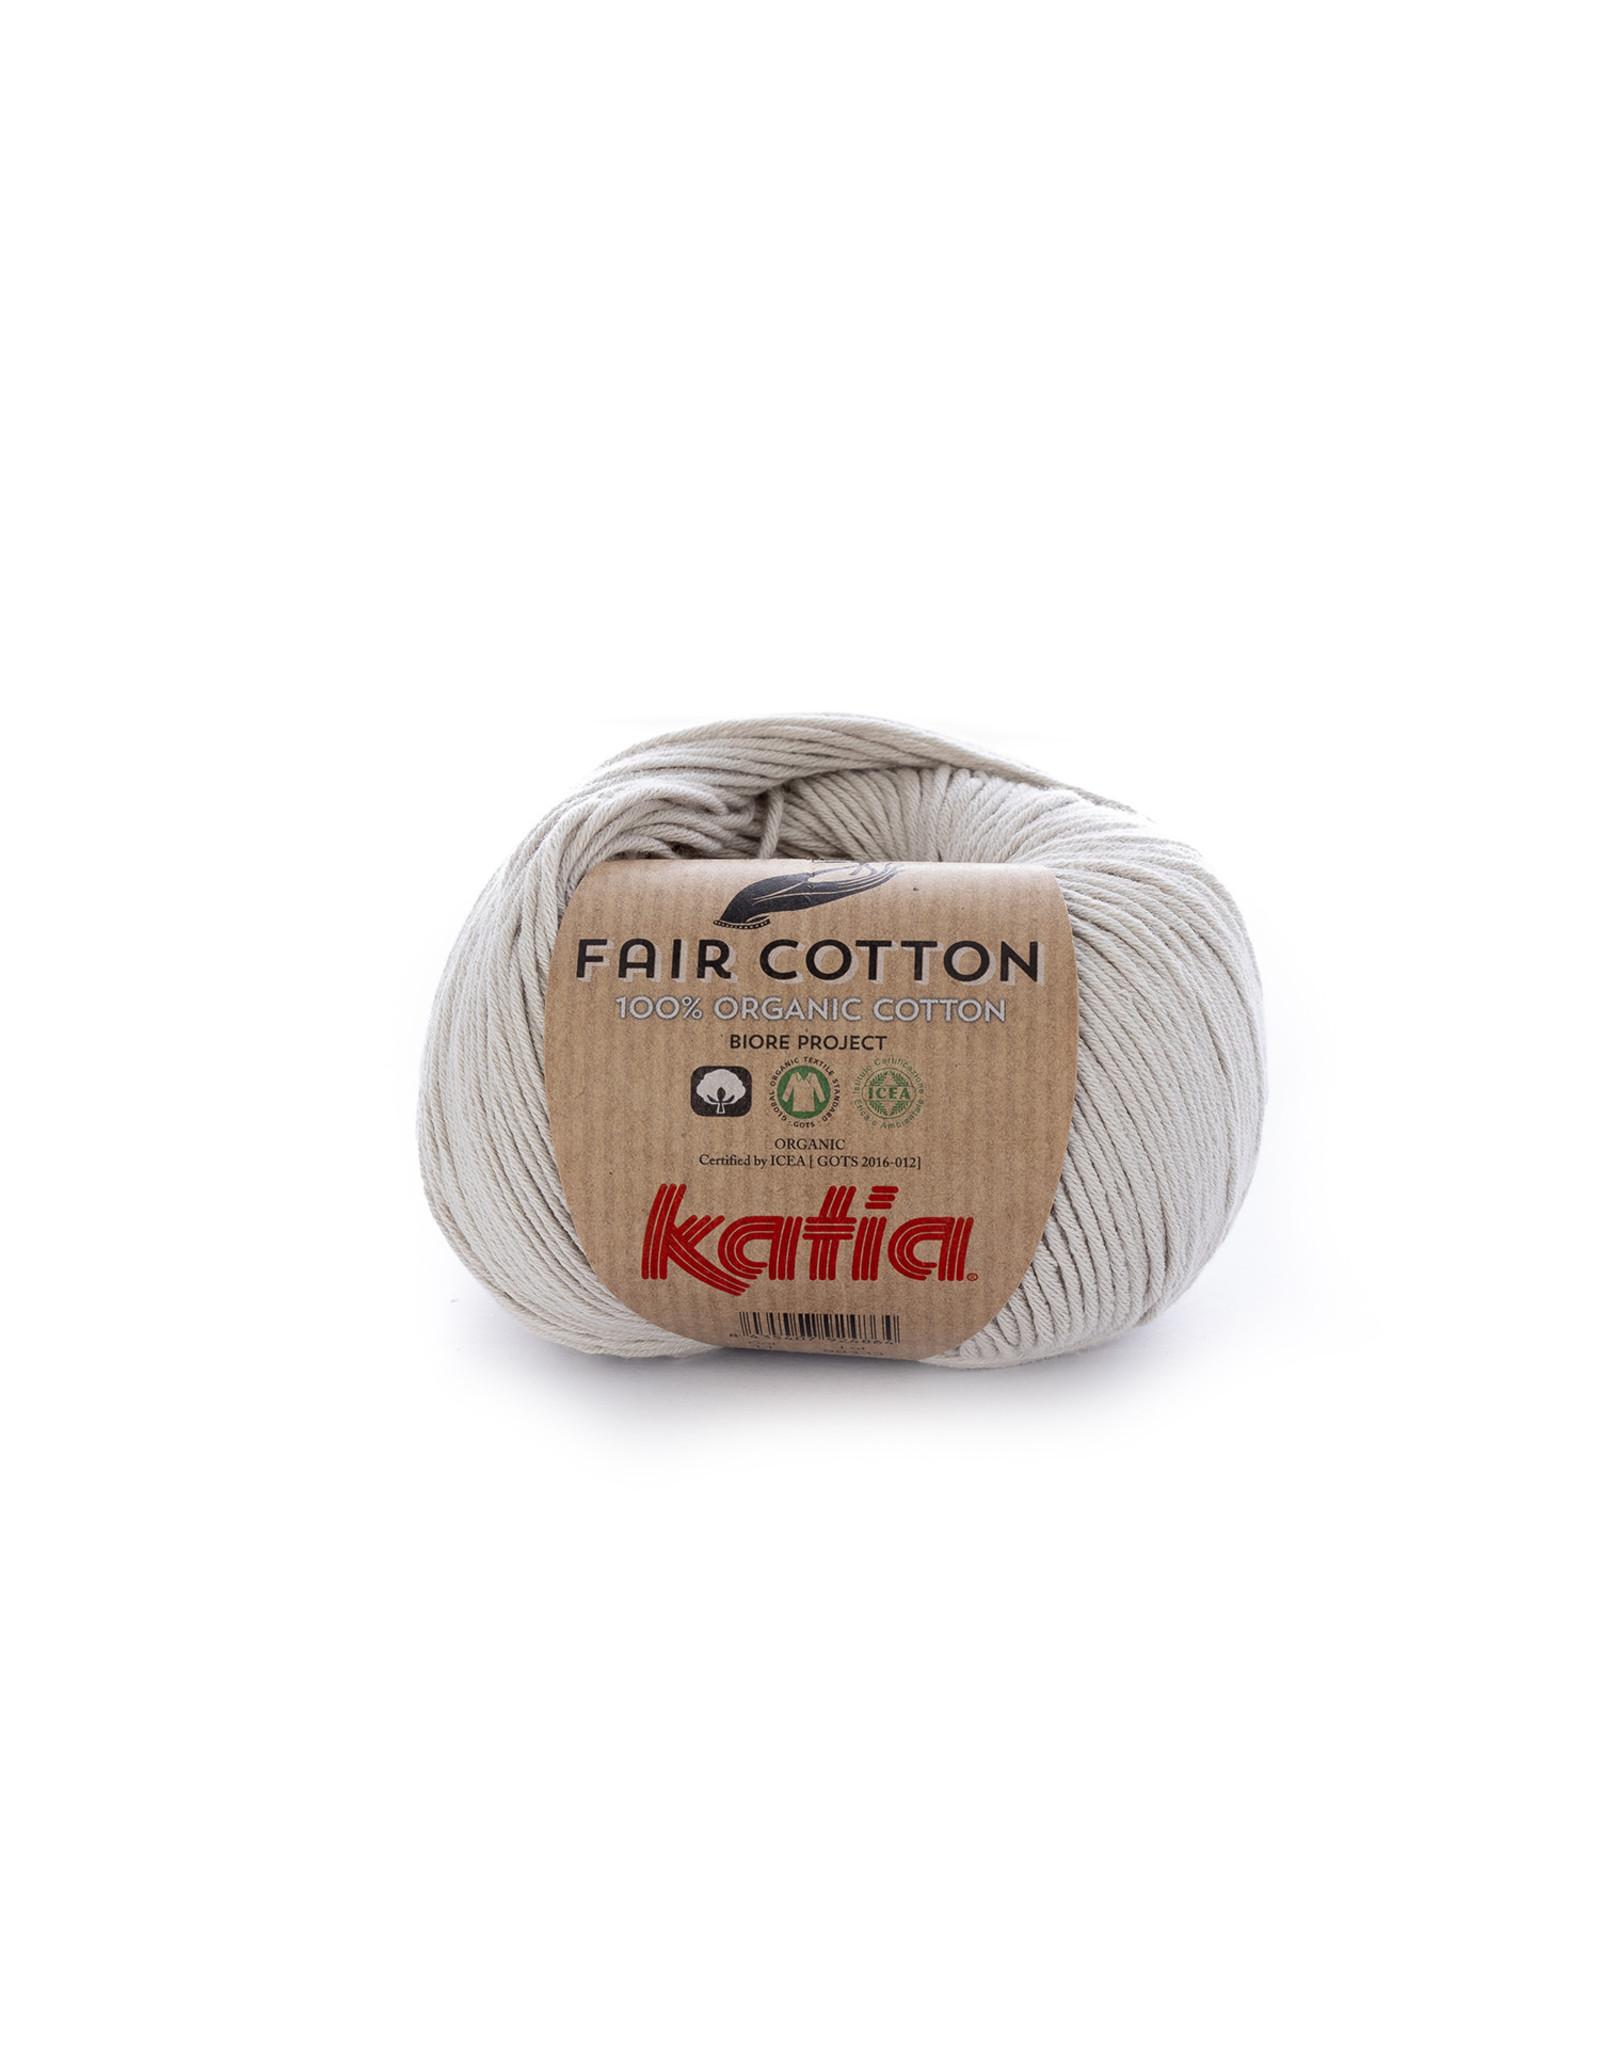 Katia Katia Fair Cotton Kleur 11 - parelmoer - lichtgrijs - 100% biol. GOTS katoengaren - bundel 5 x 50 gr./155 m.